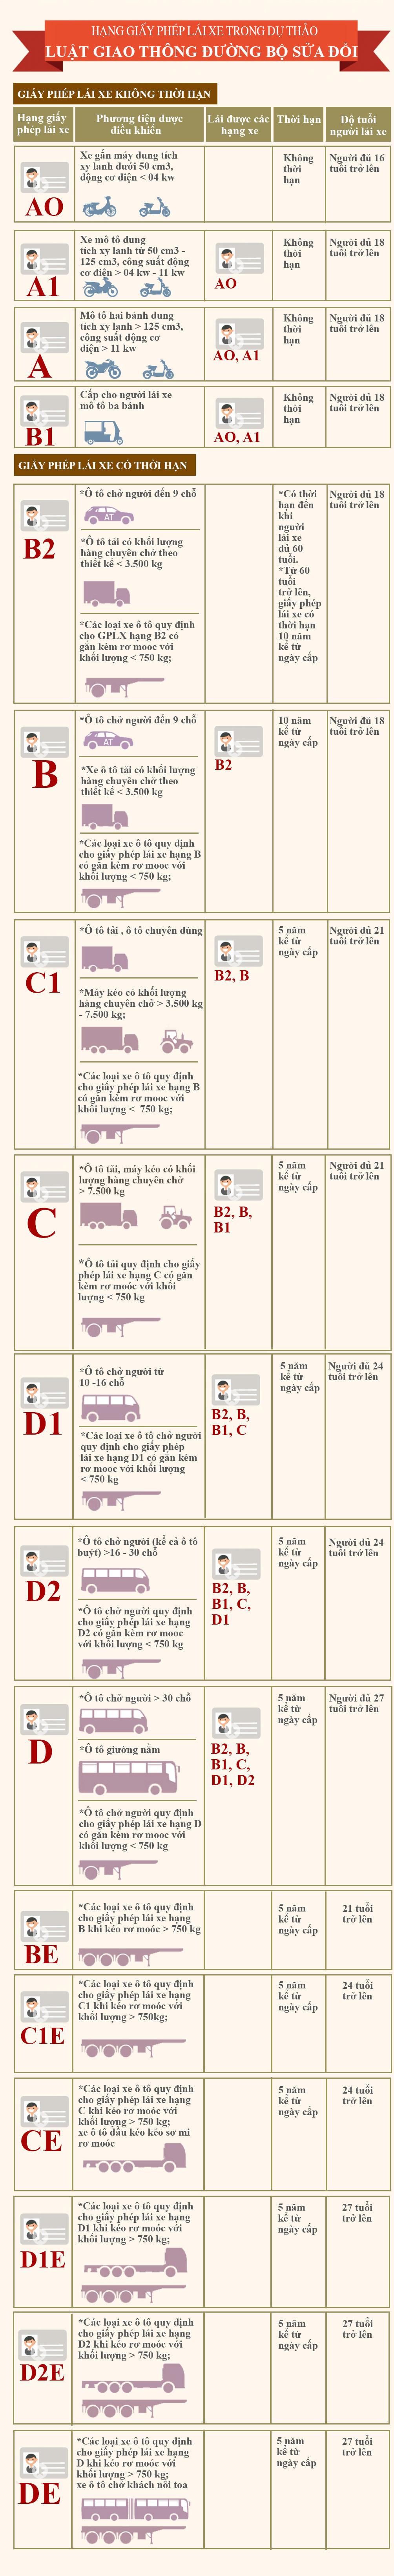 Infographic: Hạng bằng lái và loại xe được lái trong dự thảo Luật Giao thông đường bộ sửa đổi - 1